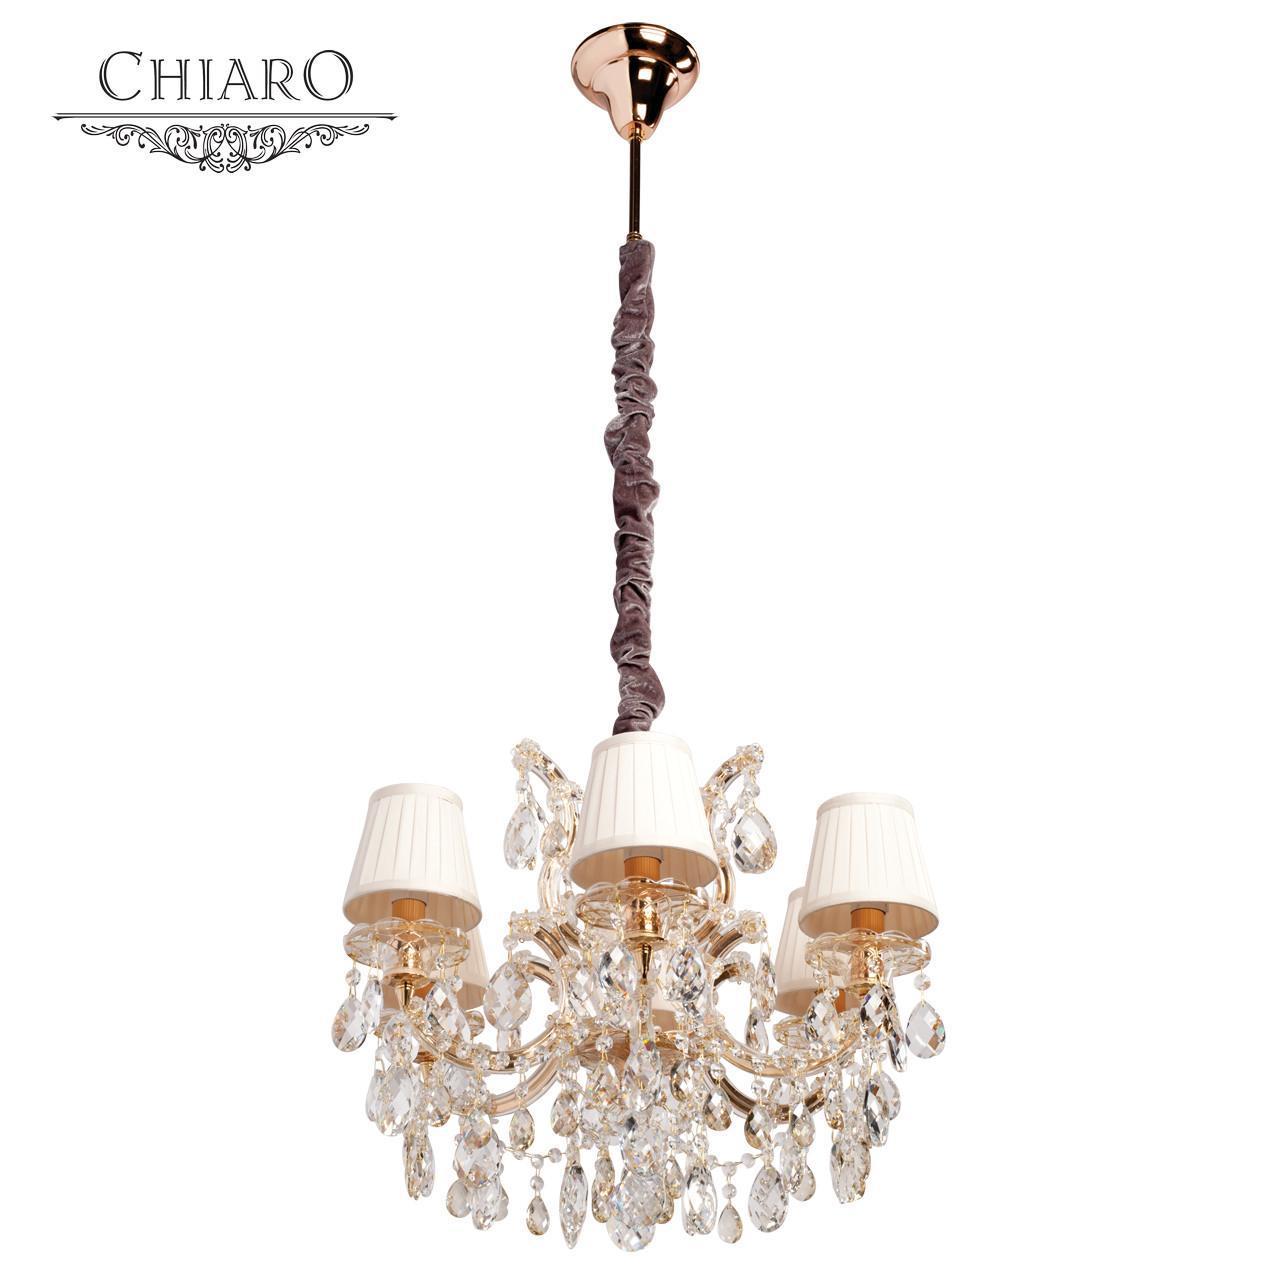 Люстра Chiaro Даниэль 479010506 подвесная подвесная люстра chiaro даниэль 479010718